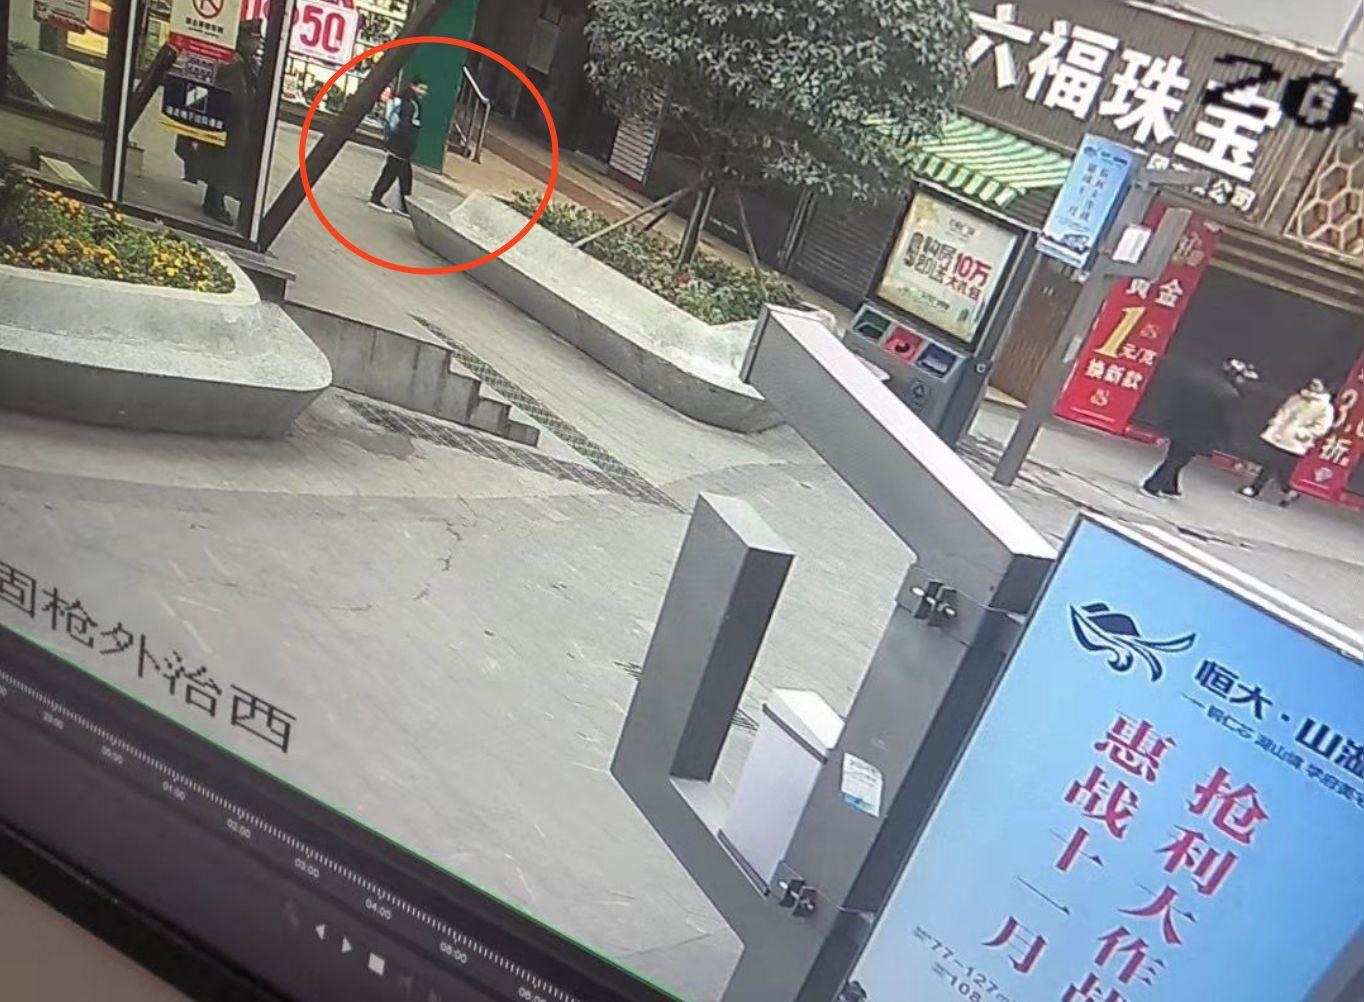 贵州12岁男孩要钱被拒后离家 失联13天后已被找到